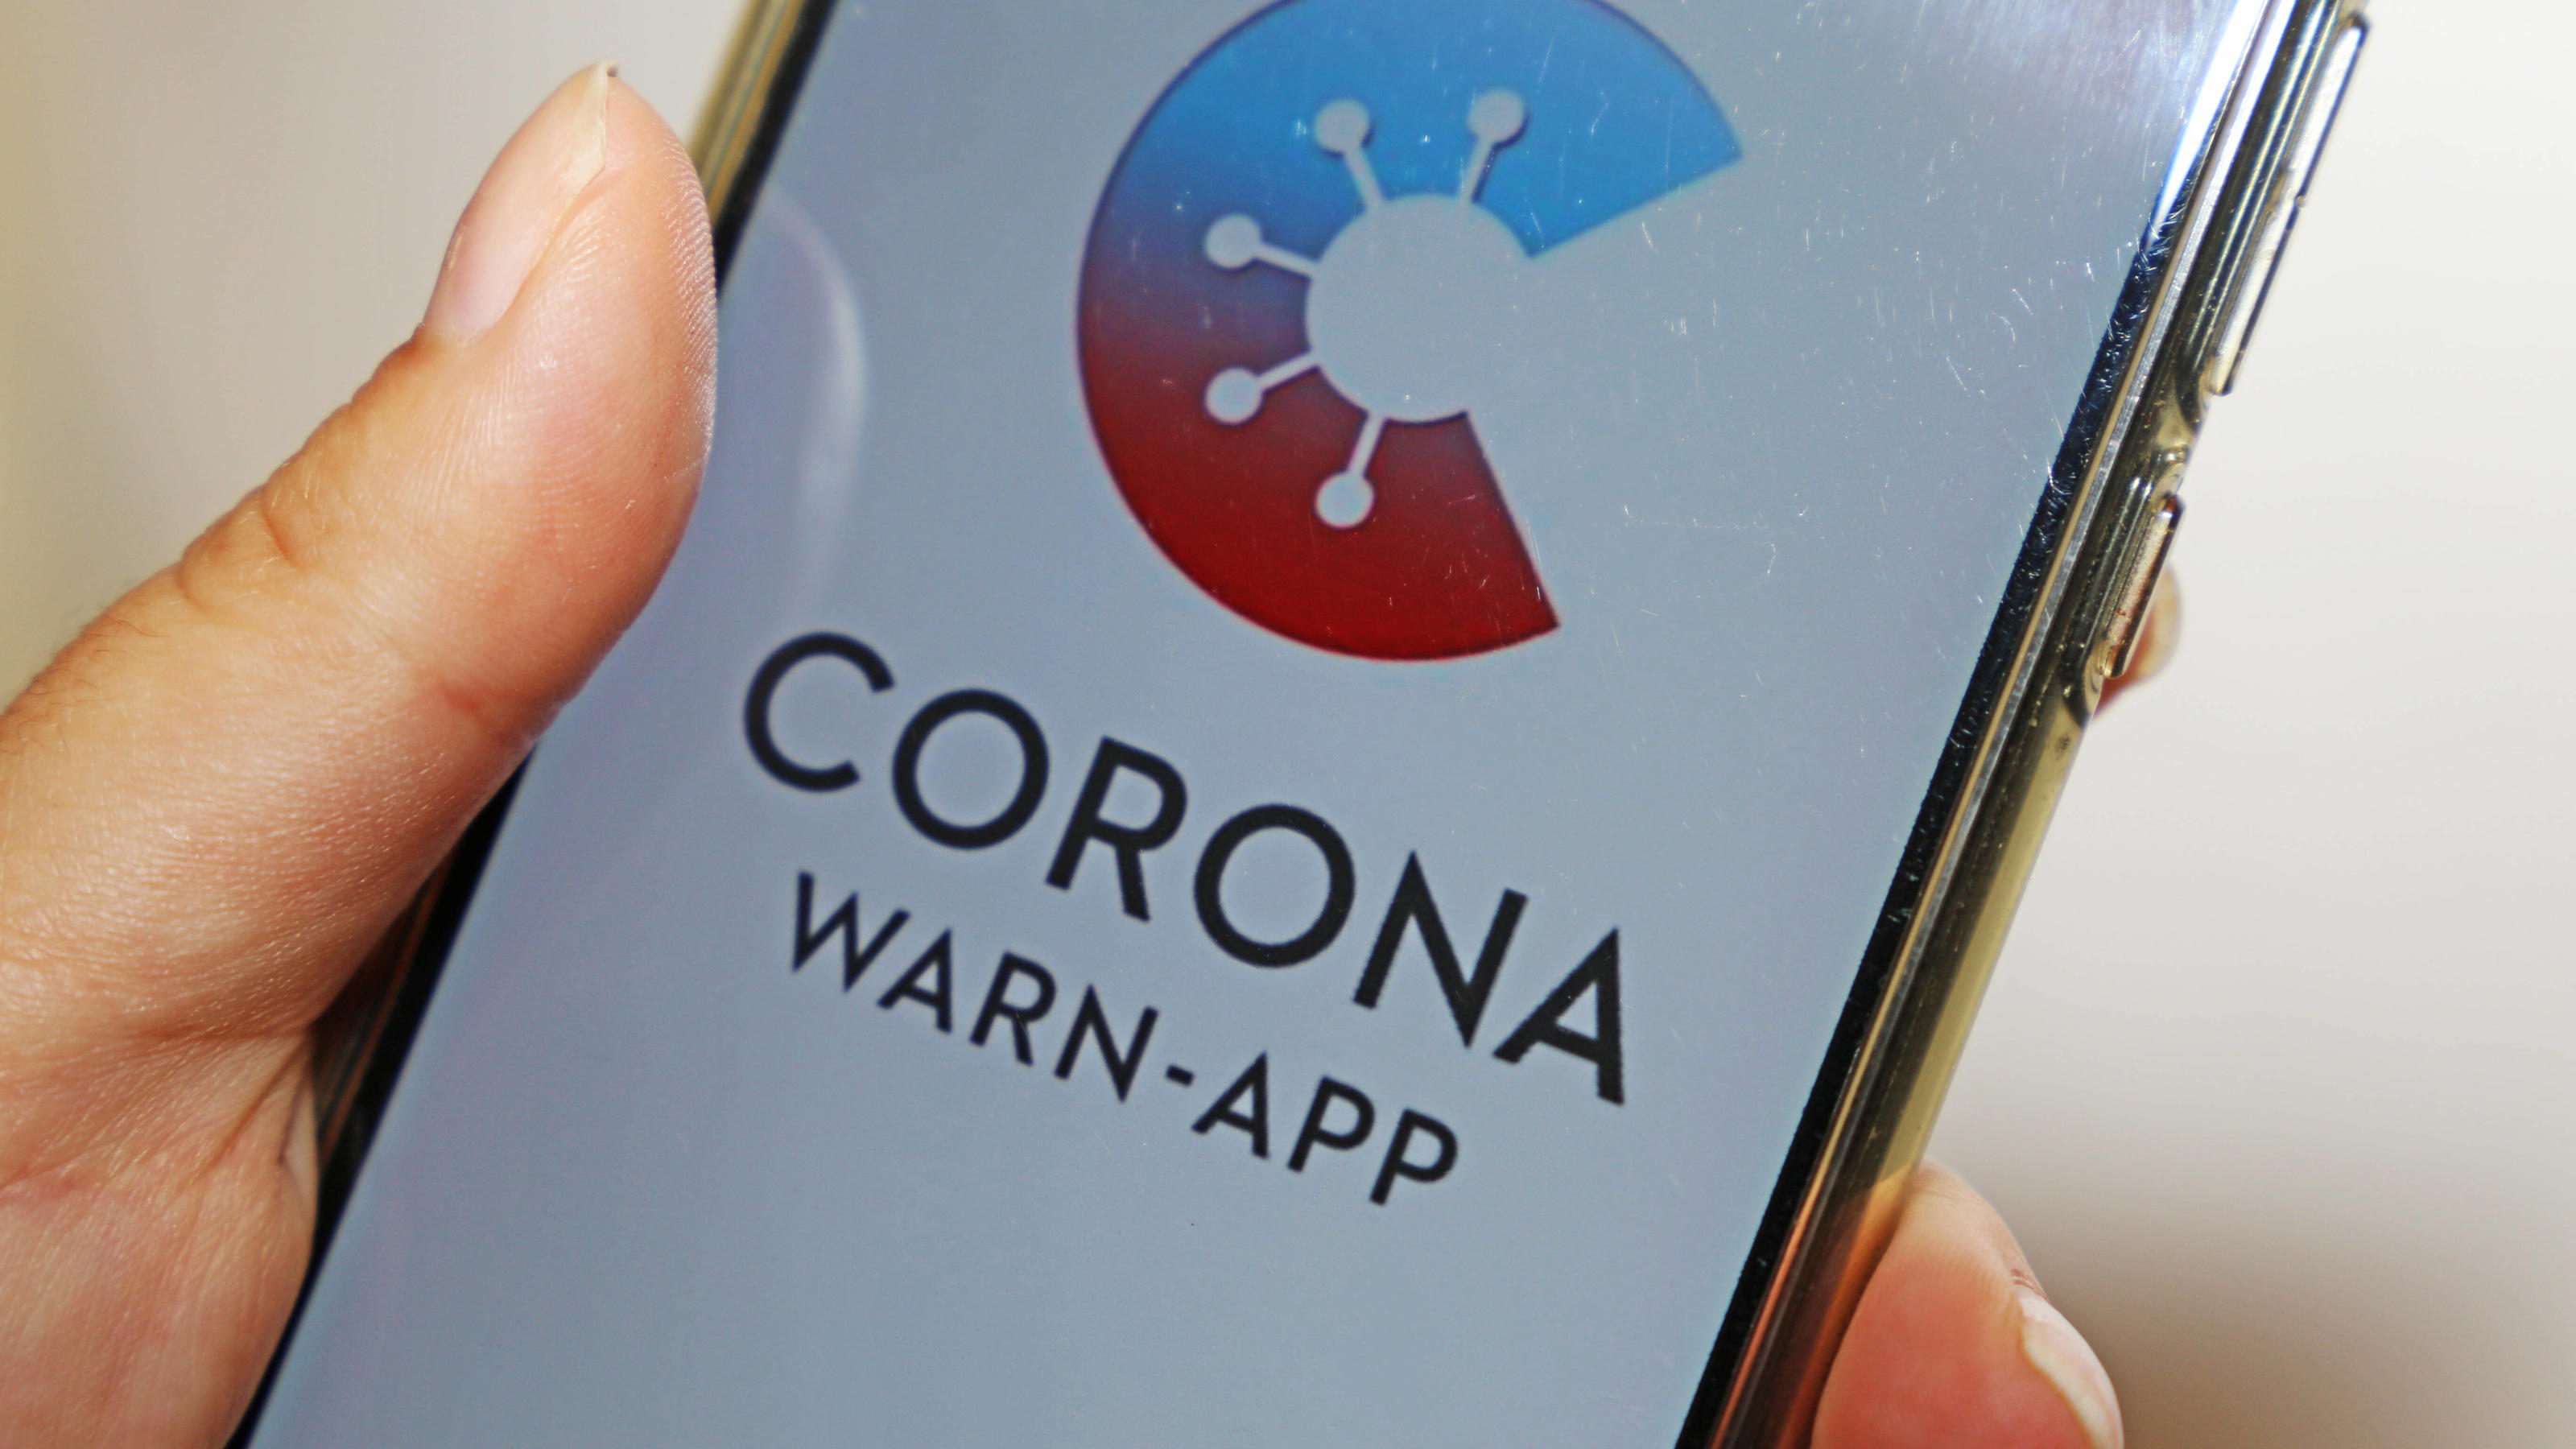 Corona-Warn-App: Wie kann ich eine andere Sprache einstellen?